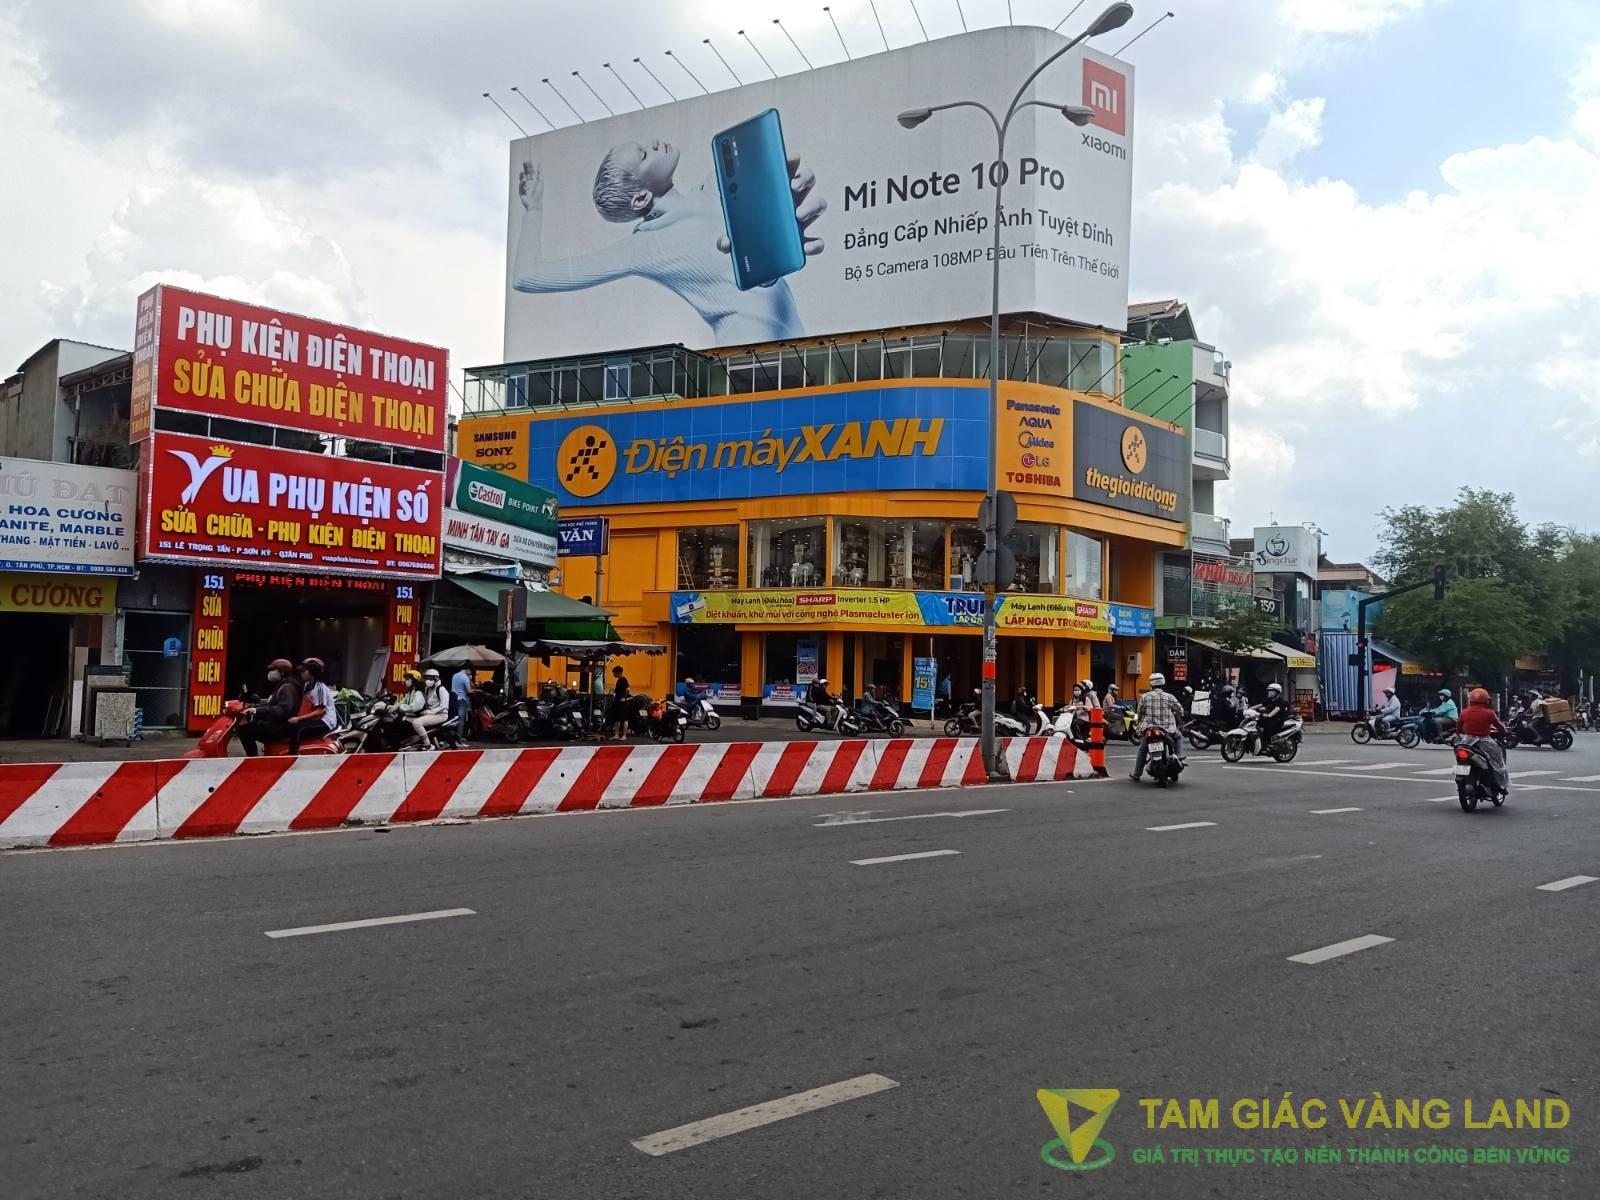 Cho thuê nhà mặt tiền đường Lê Trọng Tấn, Phường Sơn Kỳ, Quận Tân Phú, DT 11x21m, 1 trệt 1 lầu + 1 trệt, Giá 110 triệu/tháng